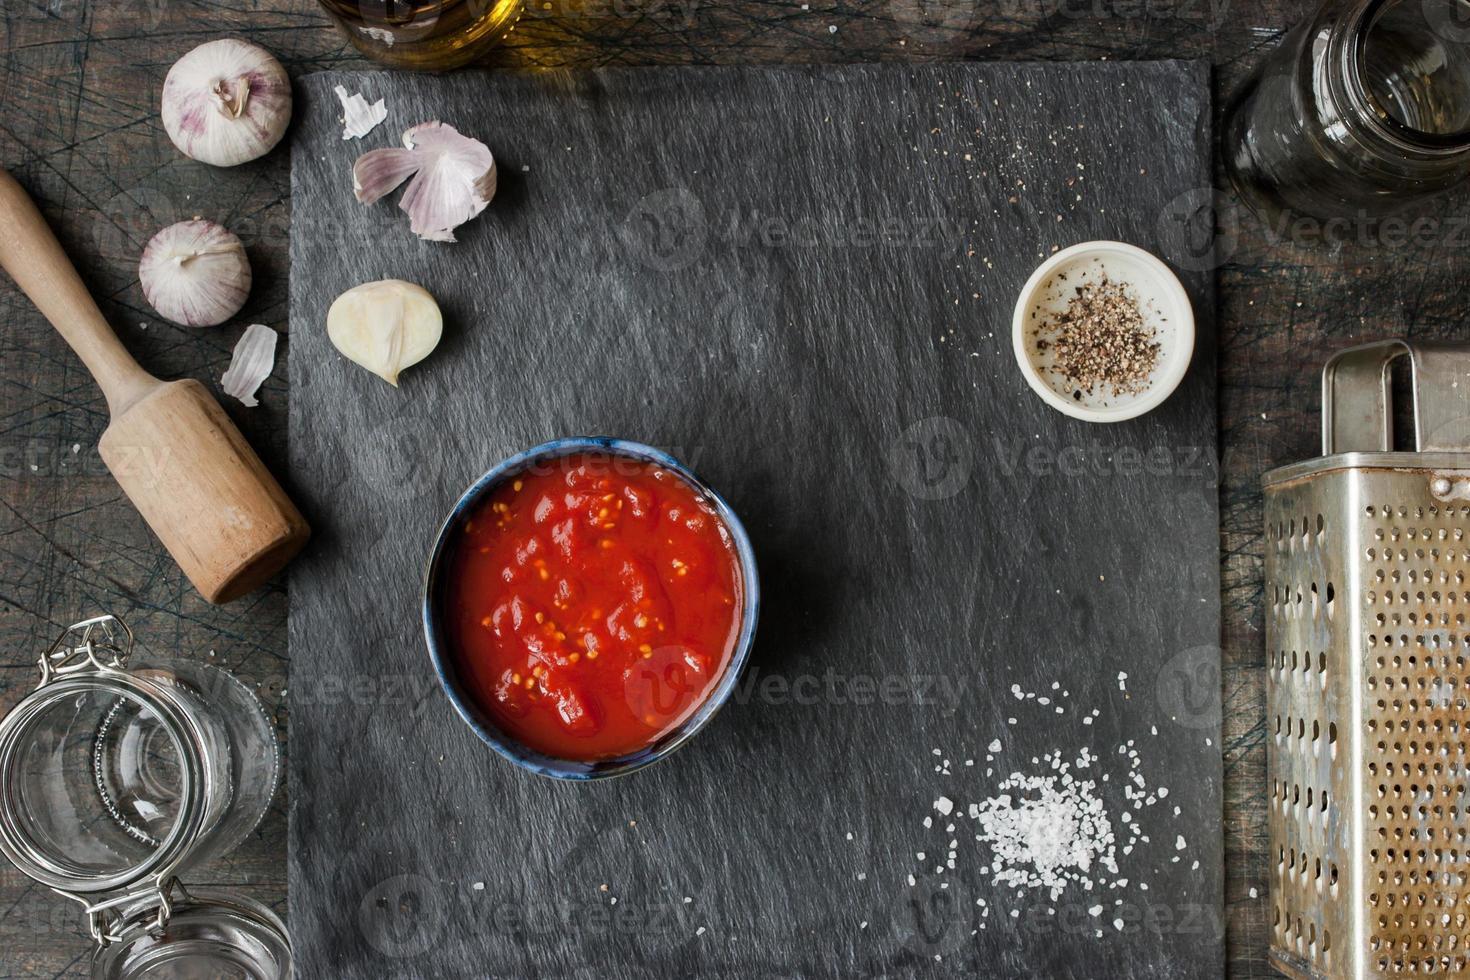 gepureerde tomaten in een keramische schotel op een tafel foto